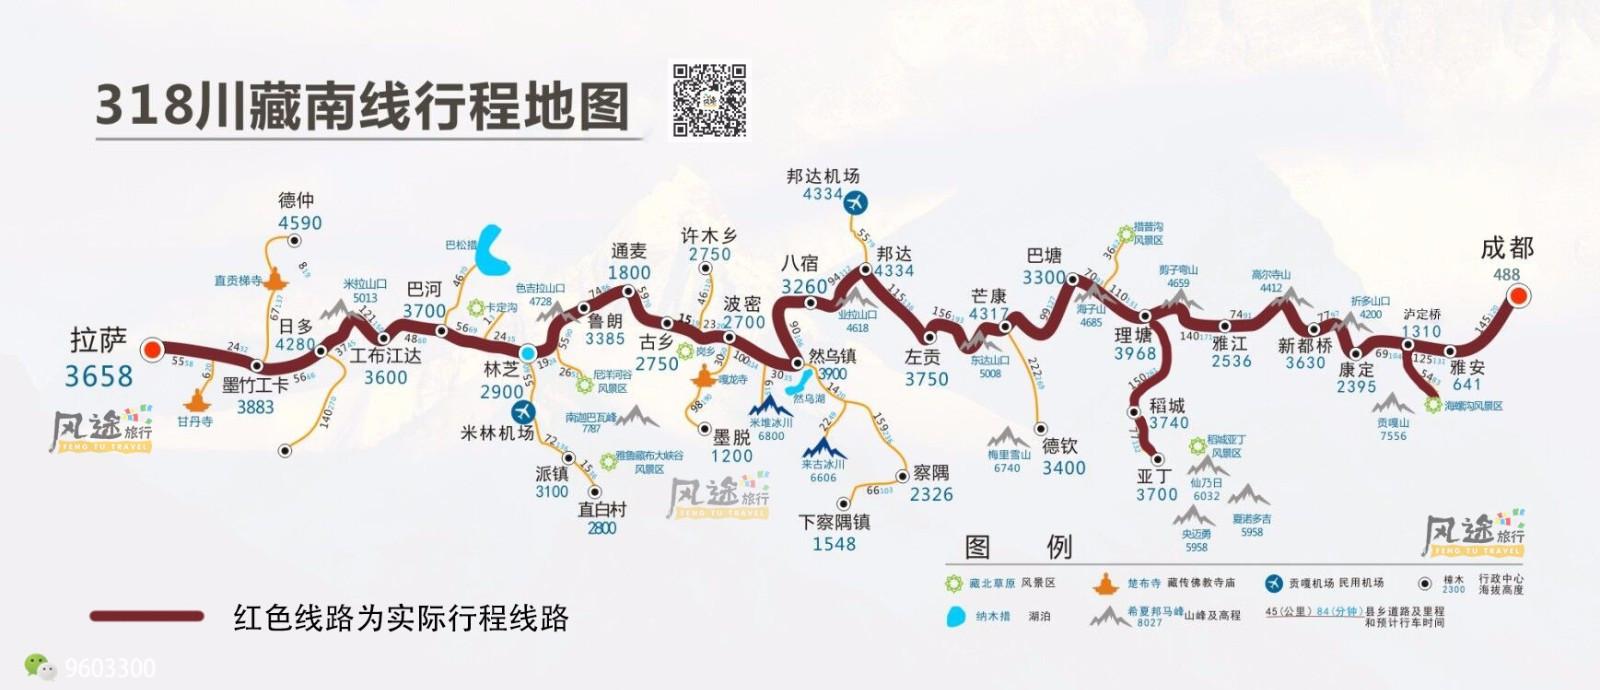 2018川藏线旅游路线图